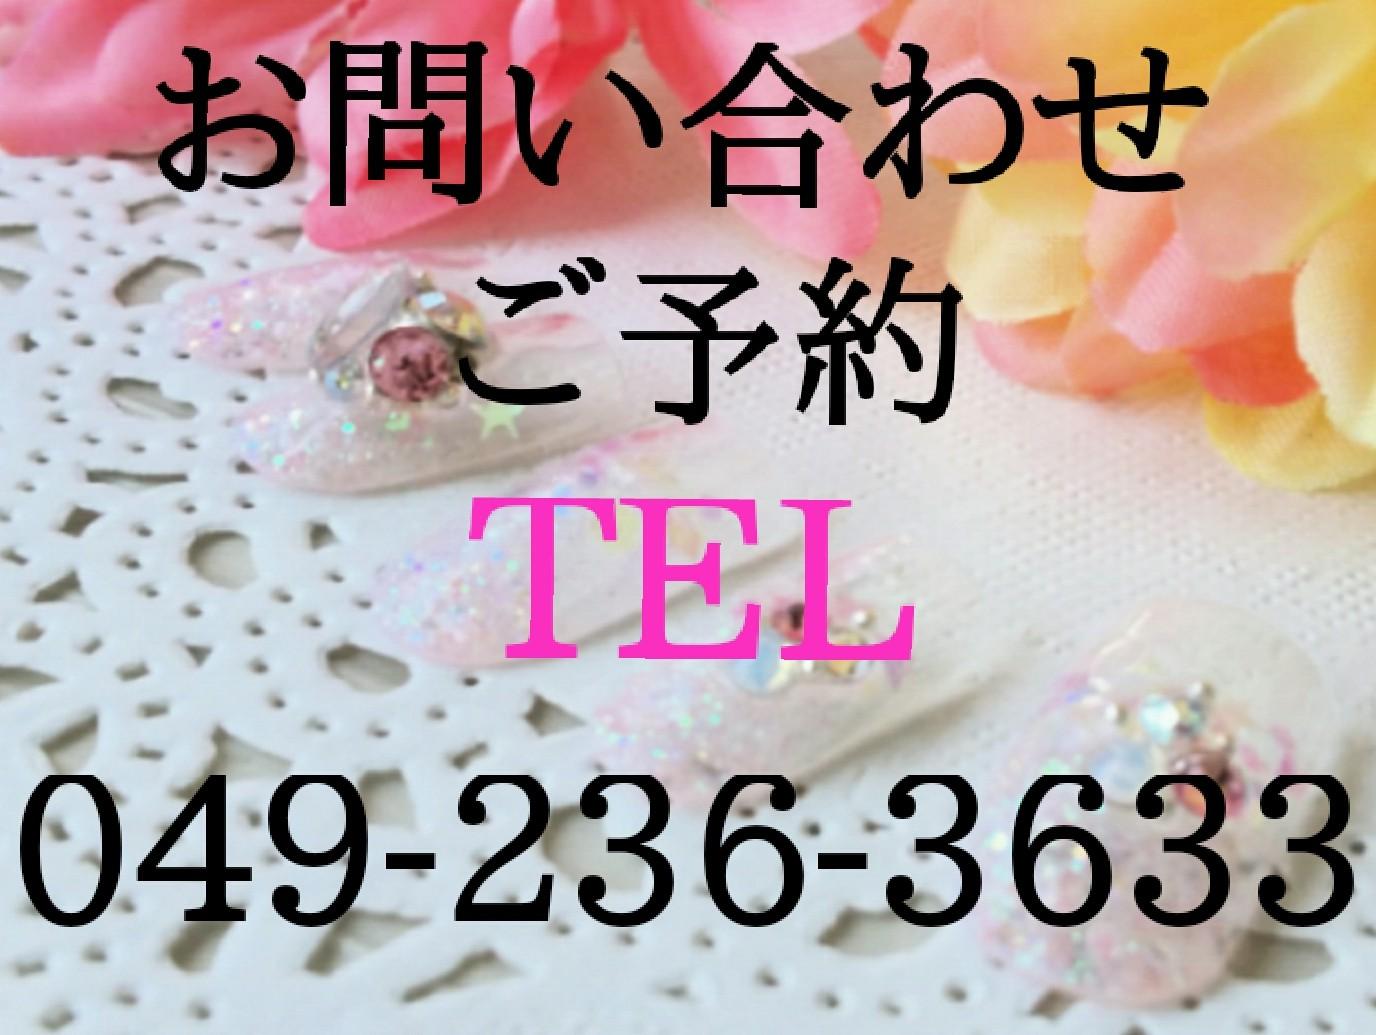 お問い合わせはこちら TEL 049-236-3633